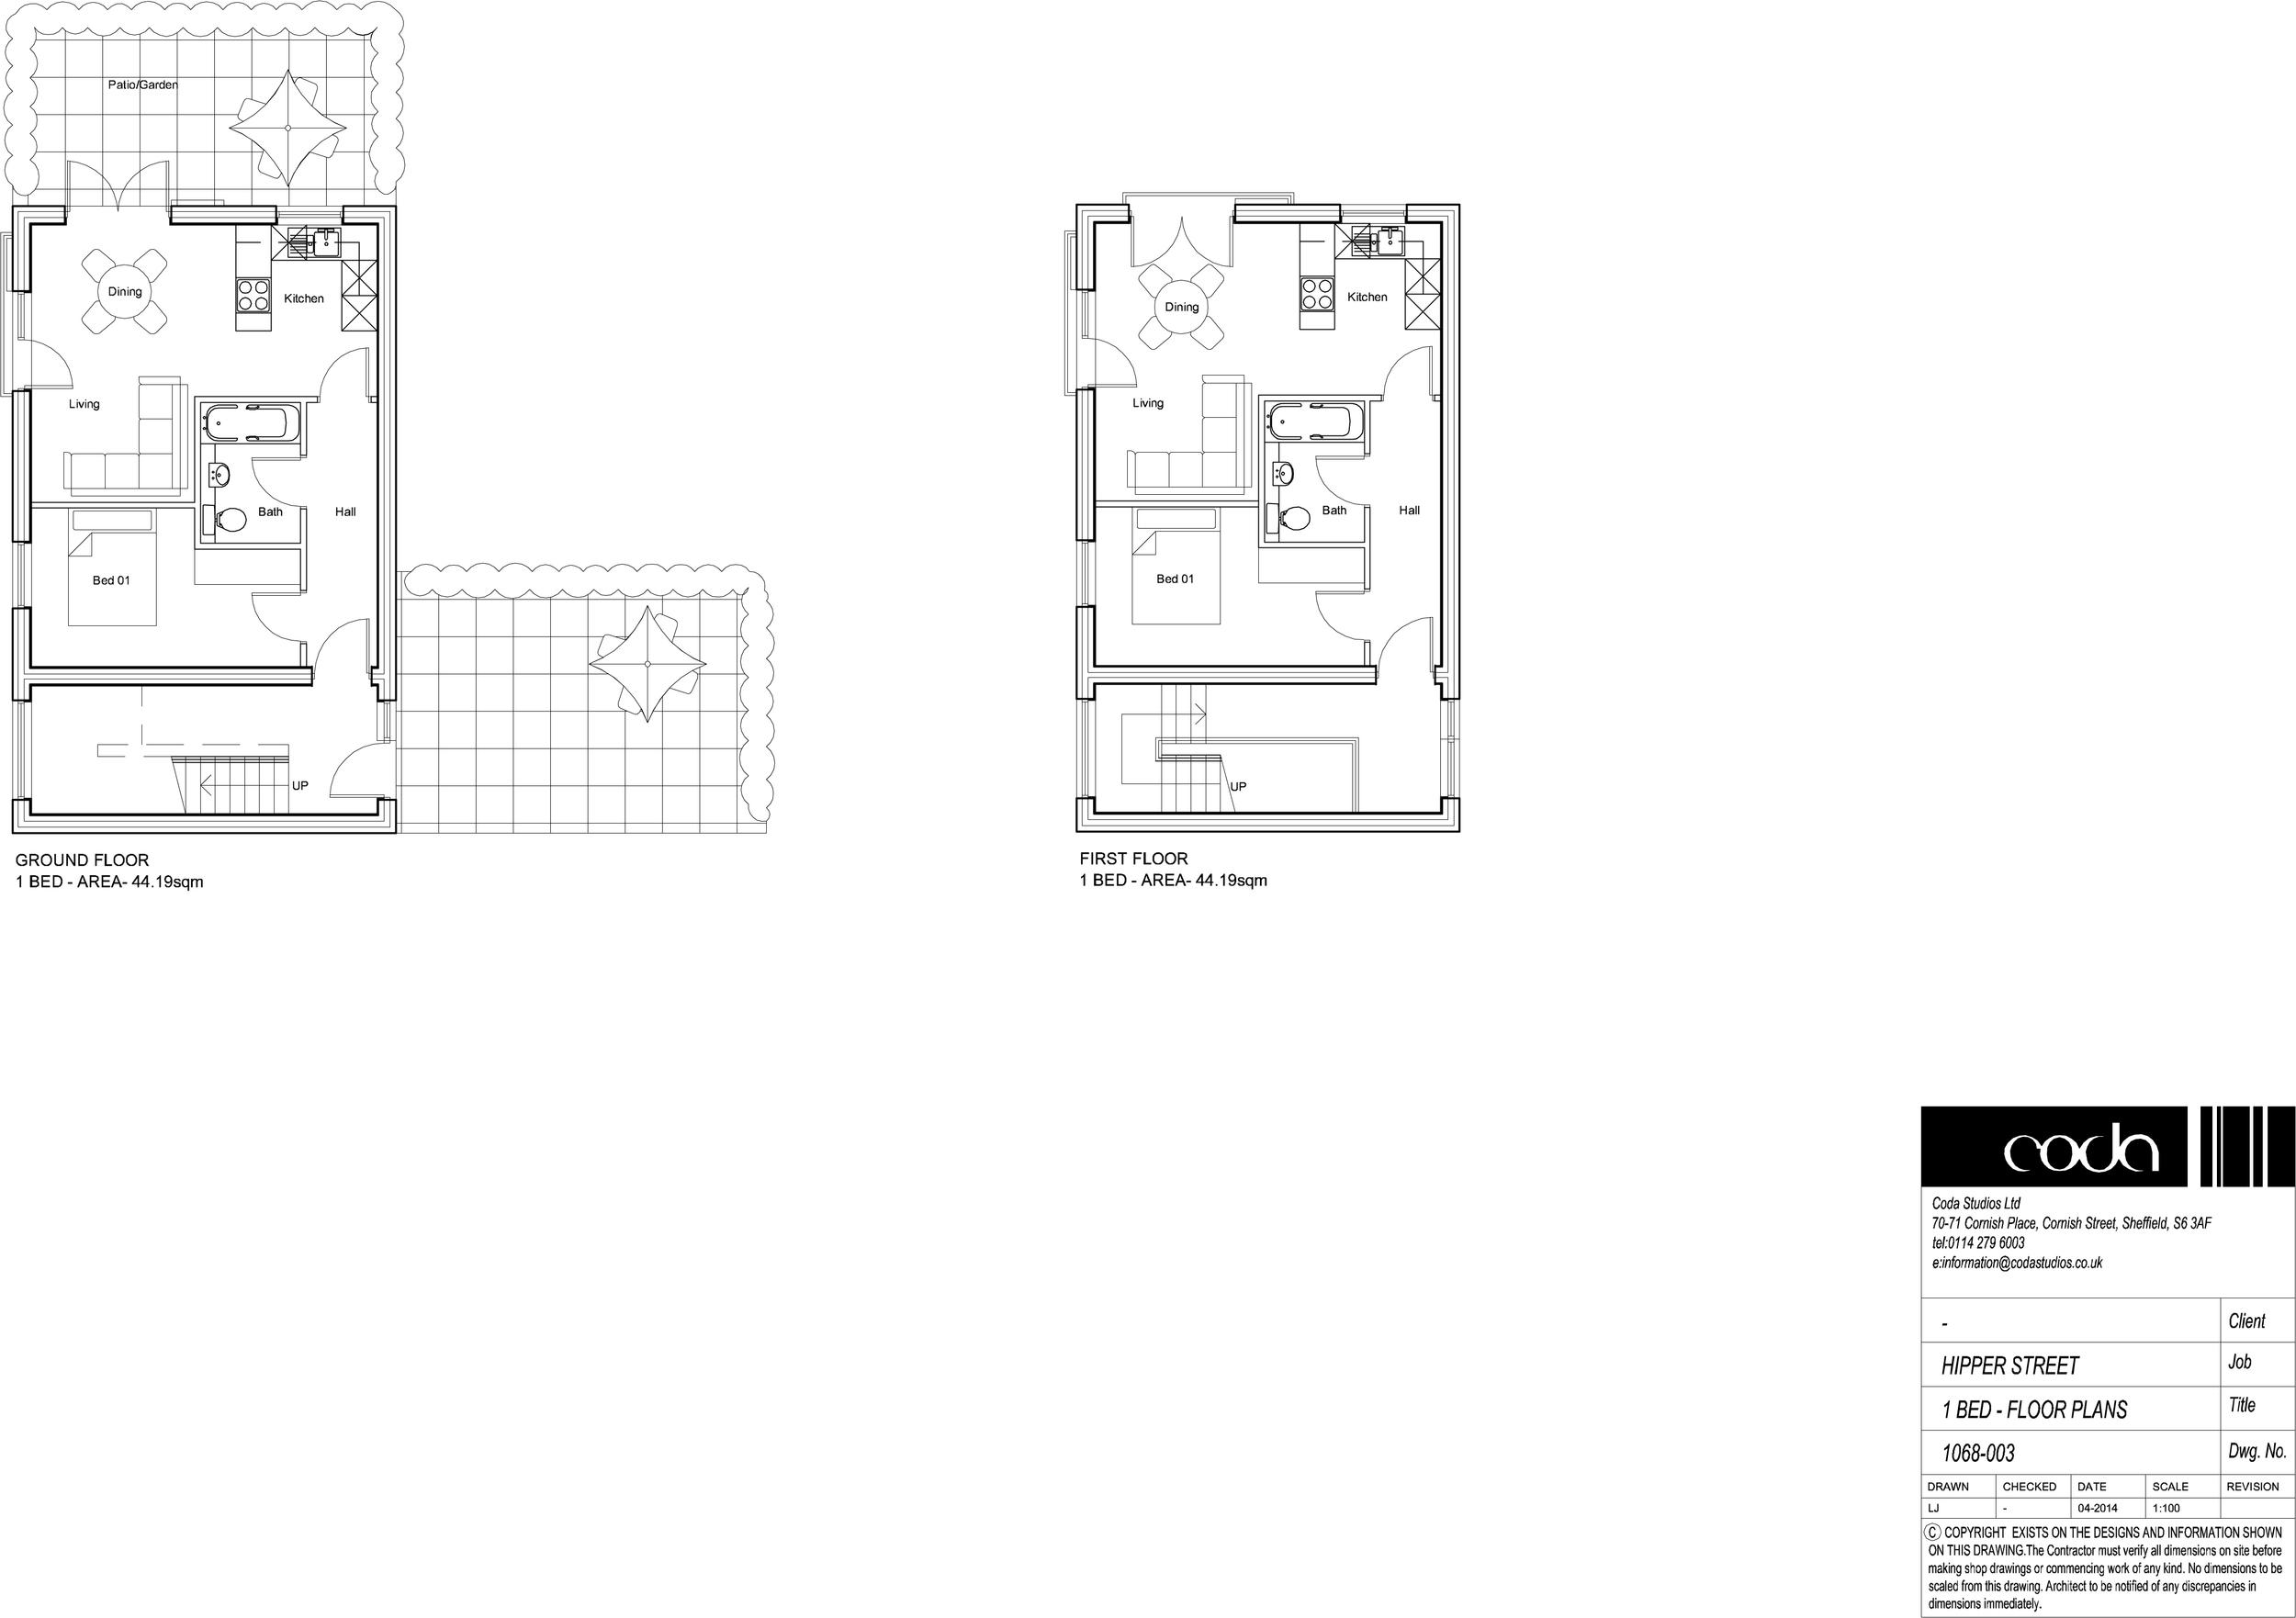 1 Bed Floor Plans